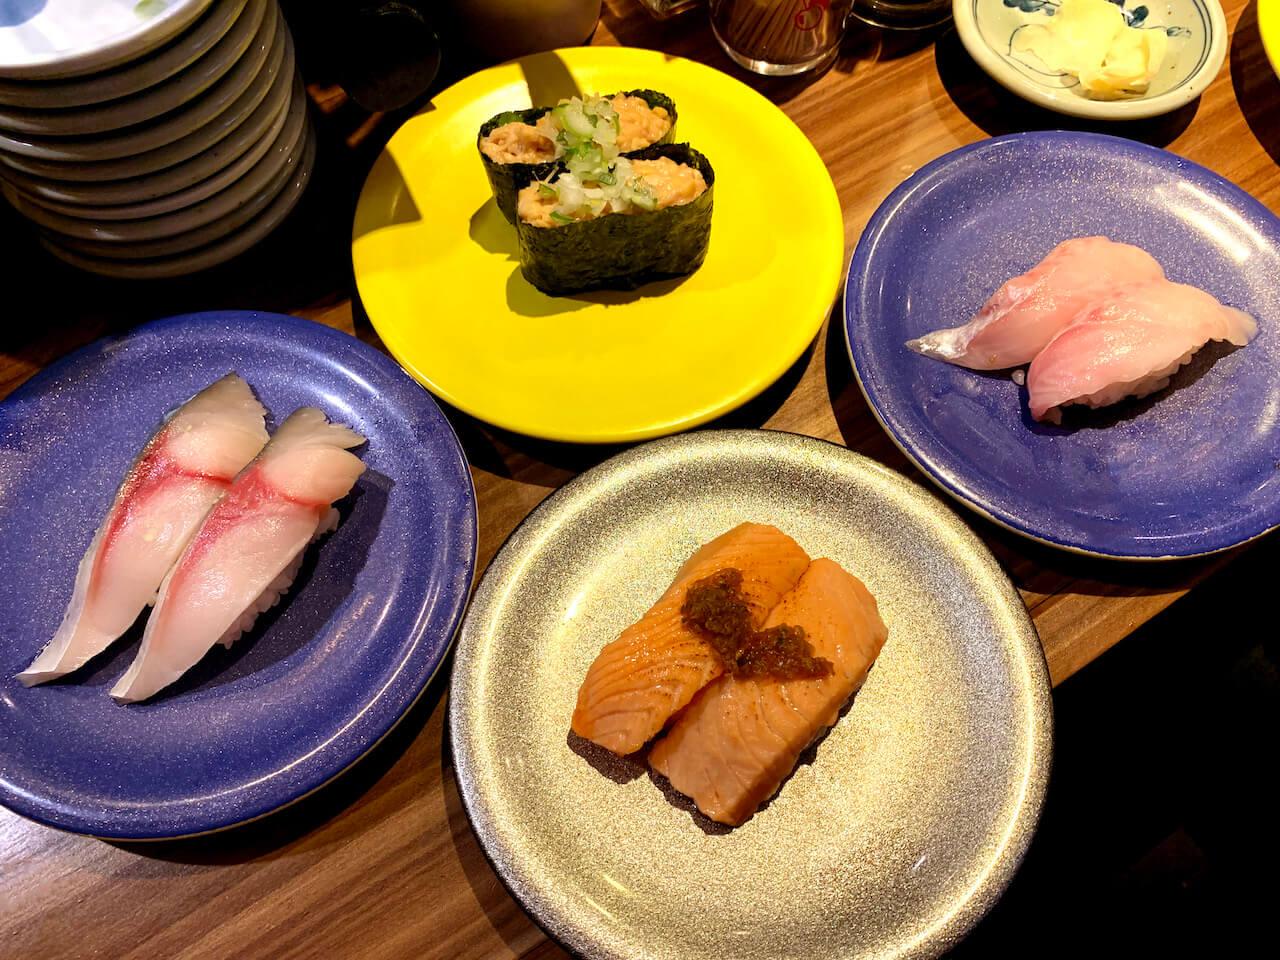 札幌平價又美味的迴轉壽司專門店「Pasaaru」